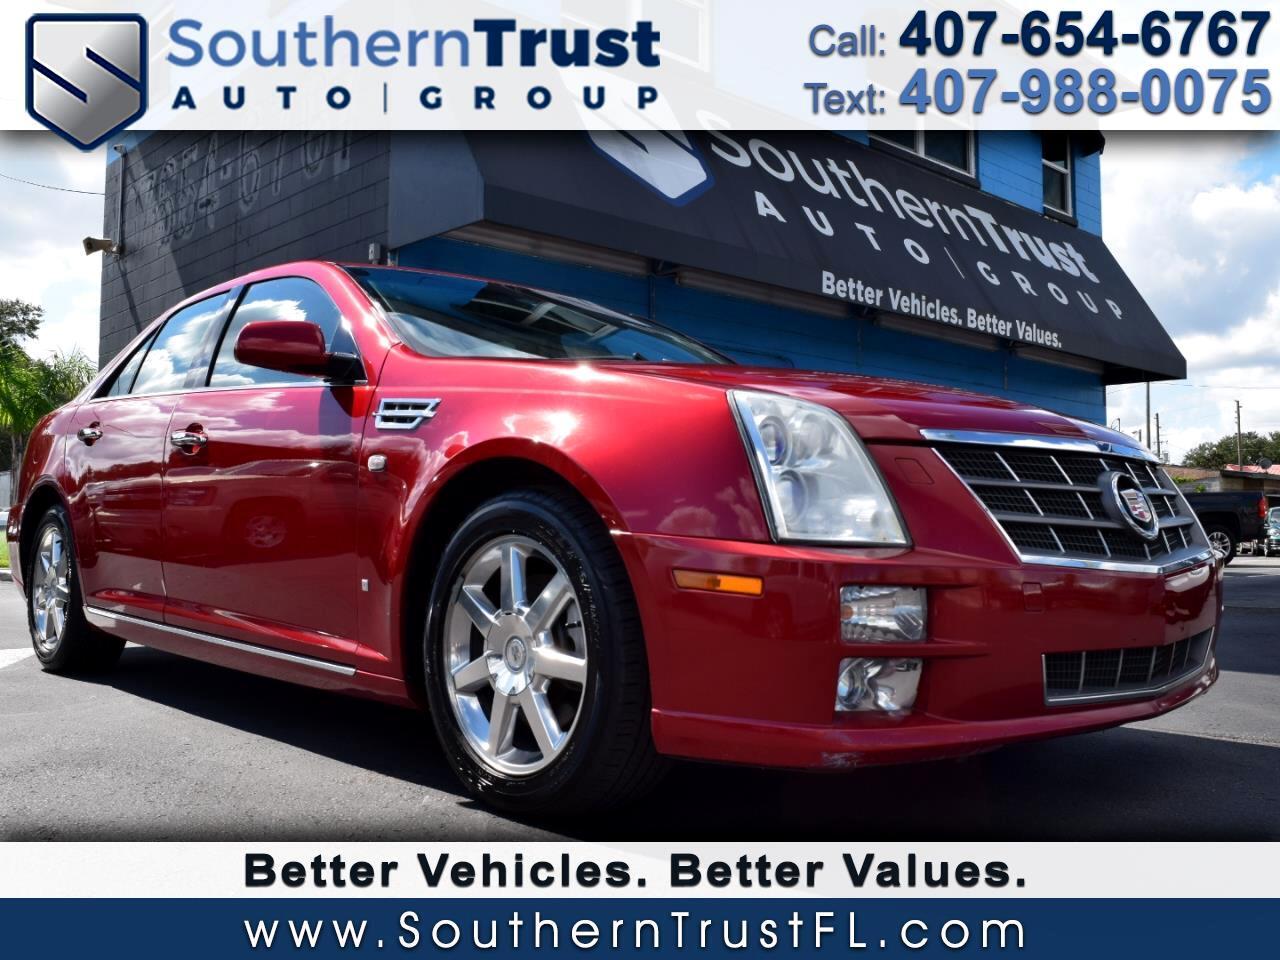 2009 Cadillac STS 4dr Sdn V8 RWD w/1SE